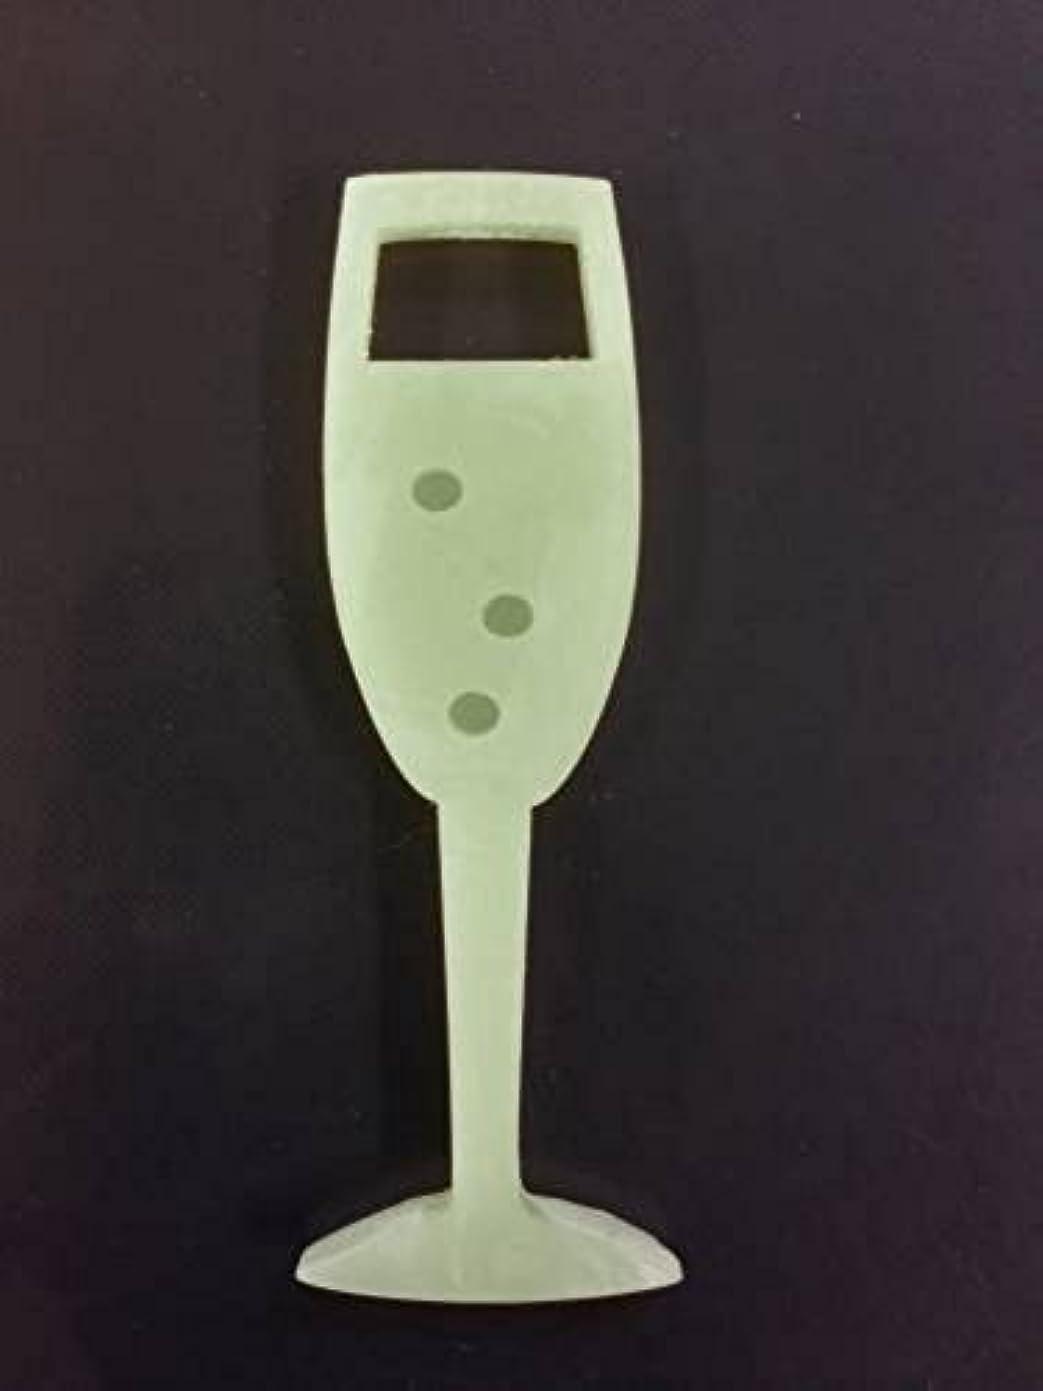 インシュレータスキャン微弱GRASSE TOKYO AROMATICWAXチャーム「シャンパングラス」(GR) レモングラス アロマティックワックス グラーストウキョウ